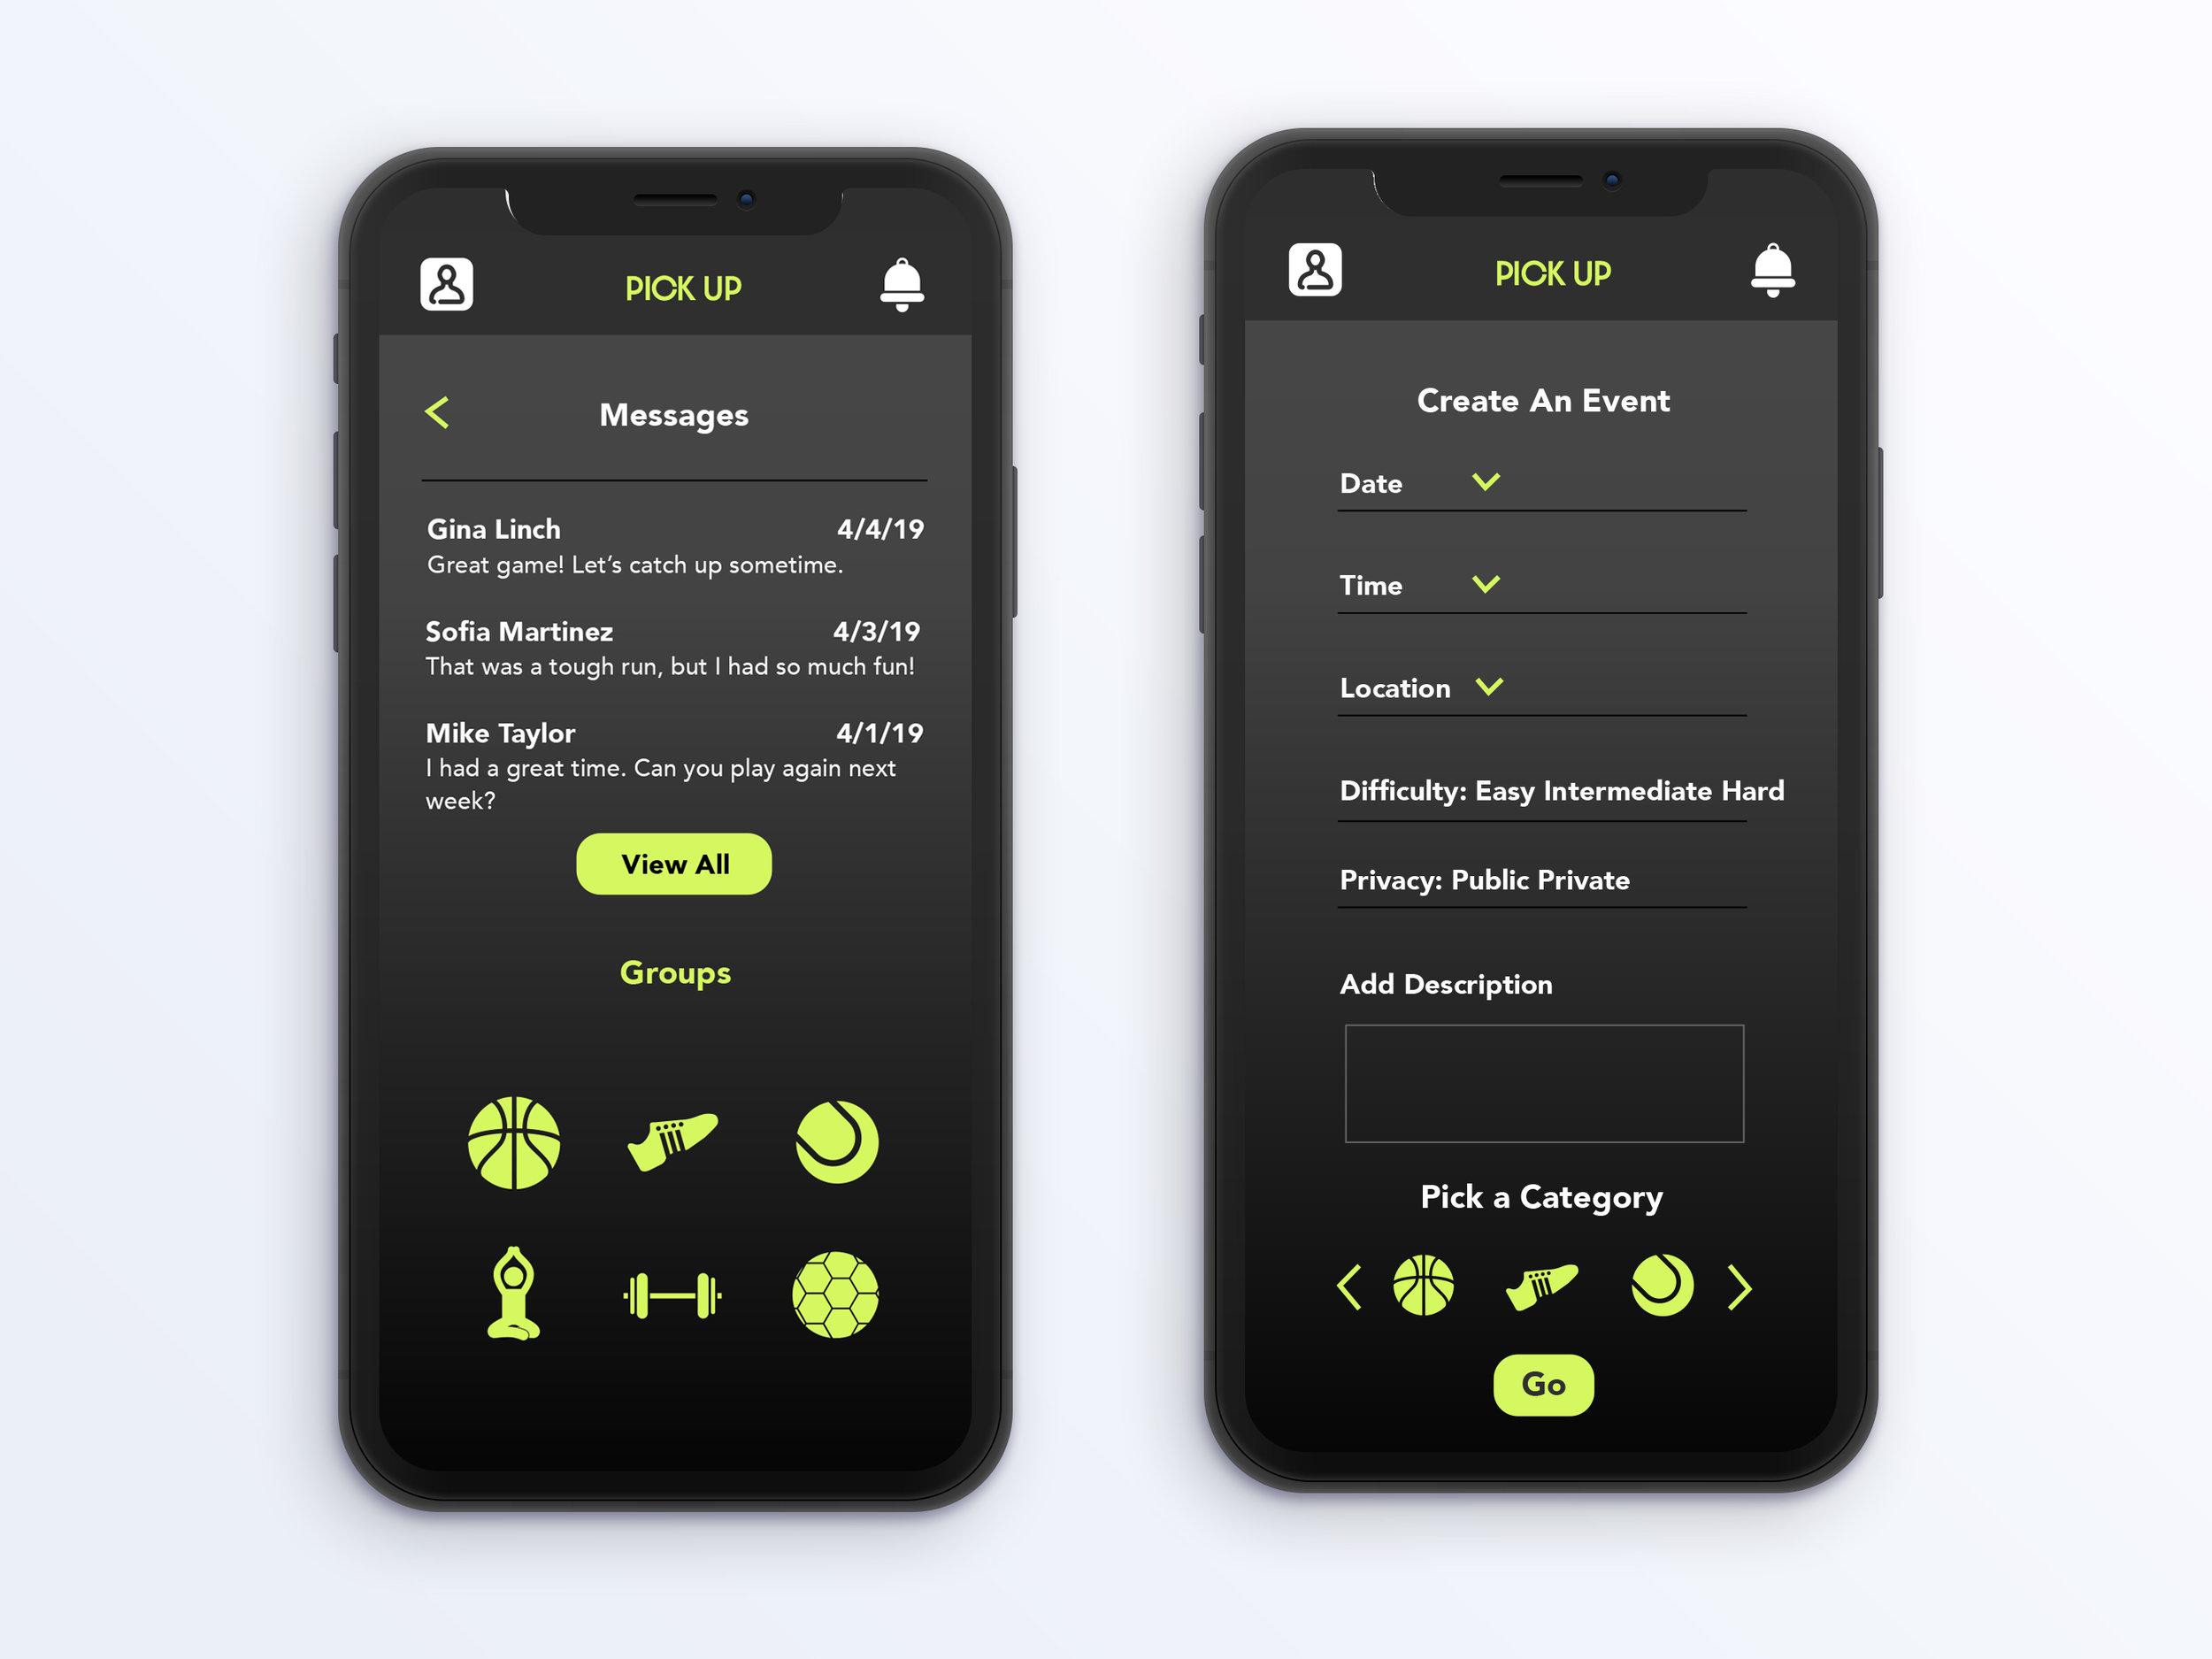 pickupscreens2.jpg